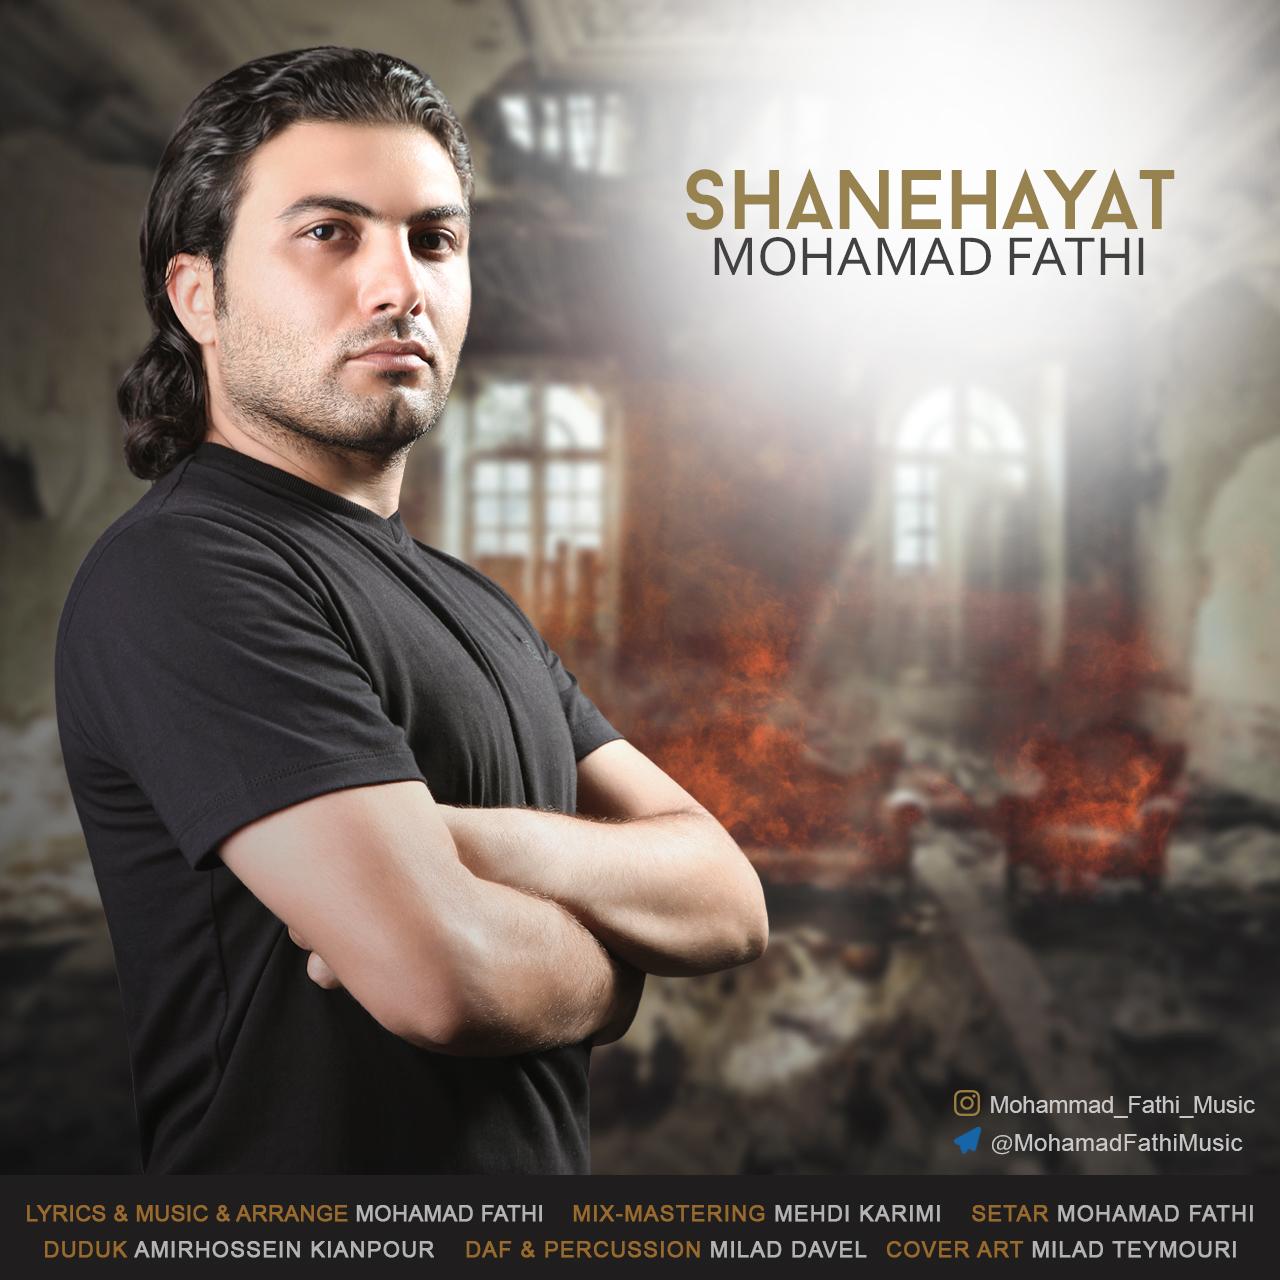 Mohamad Fathi – Shanehayat